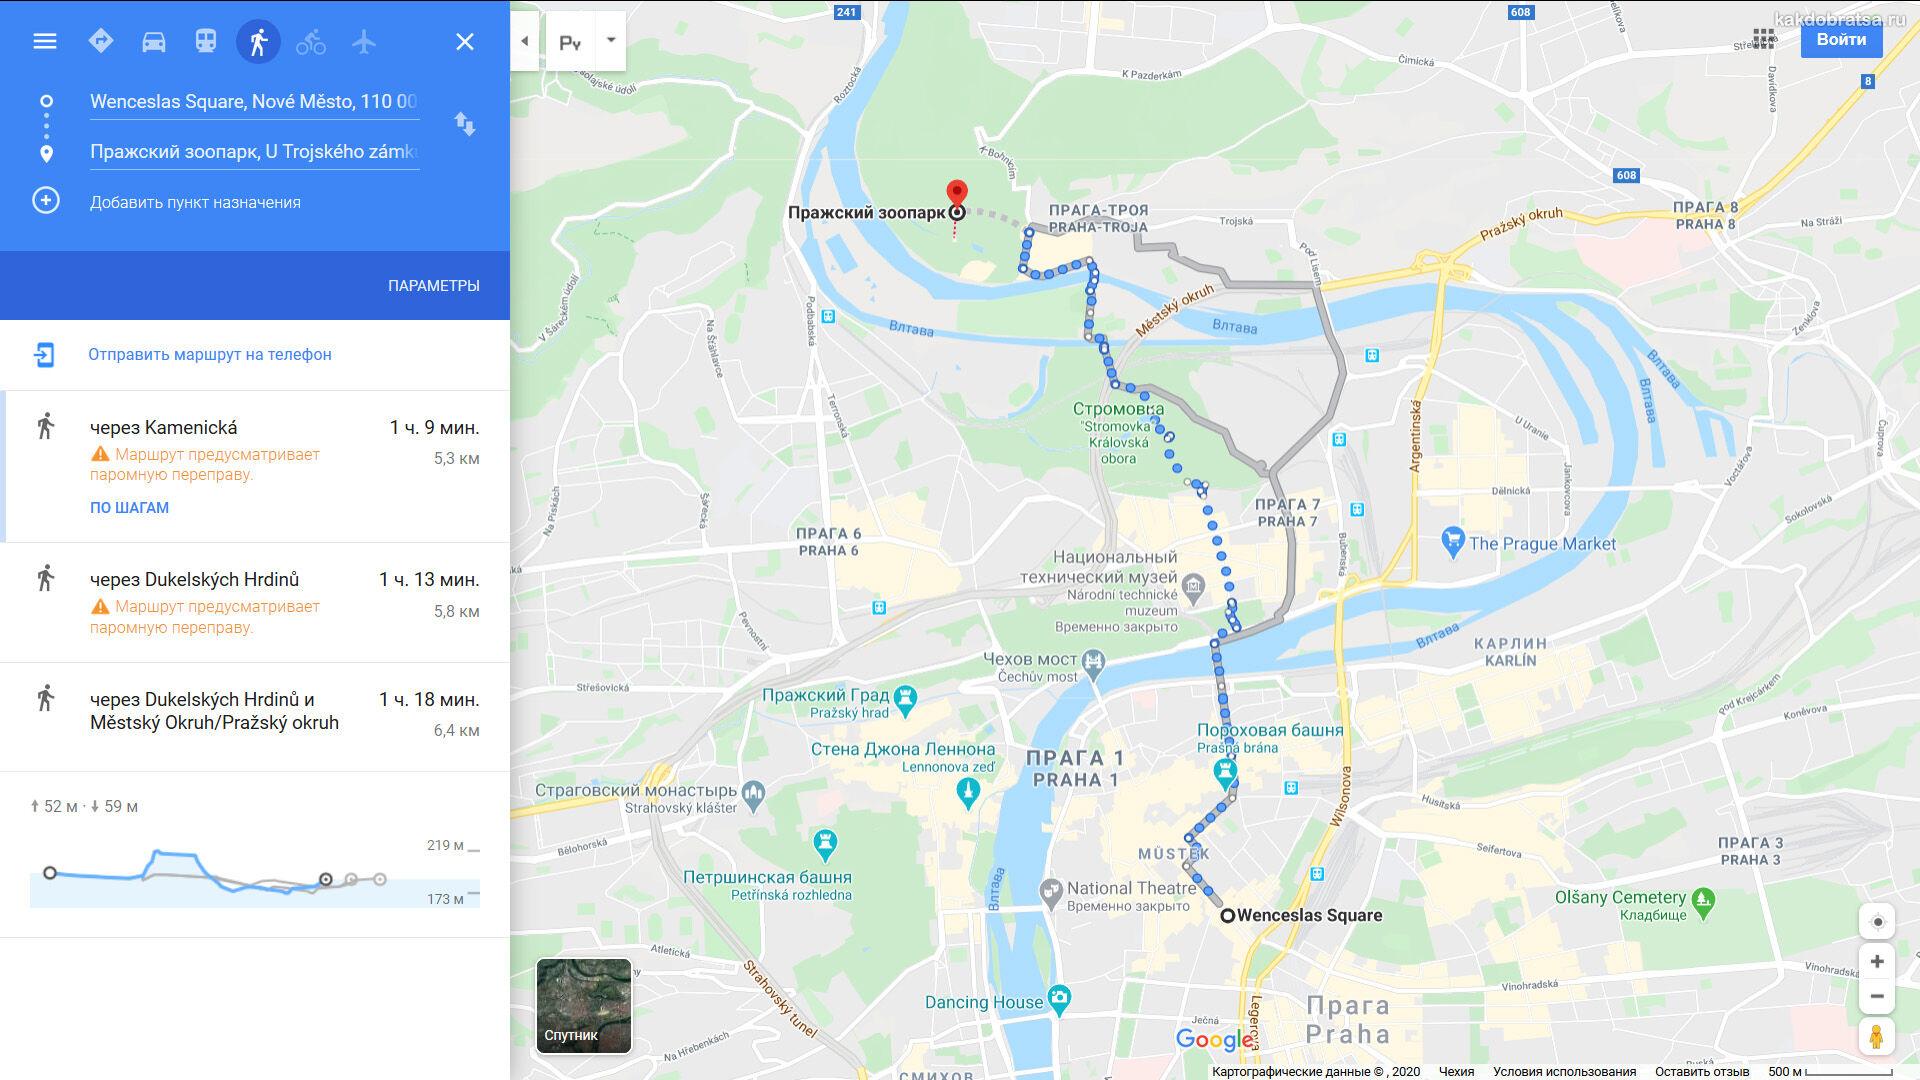 Зоопарк в Праге точка на карте и как добраться маршрут